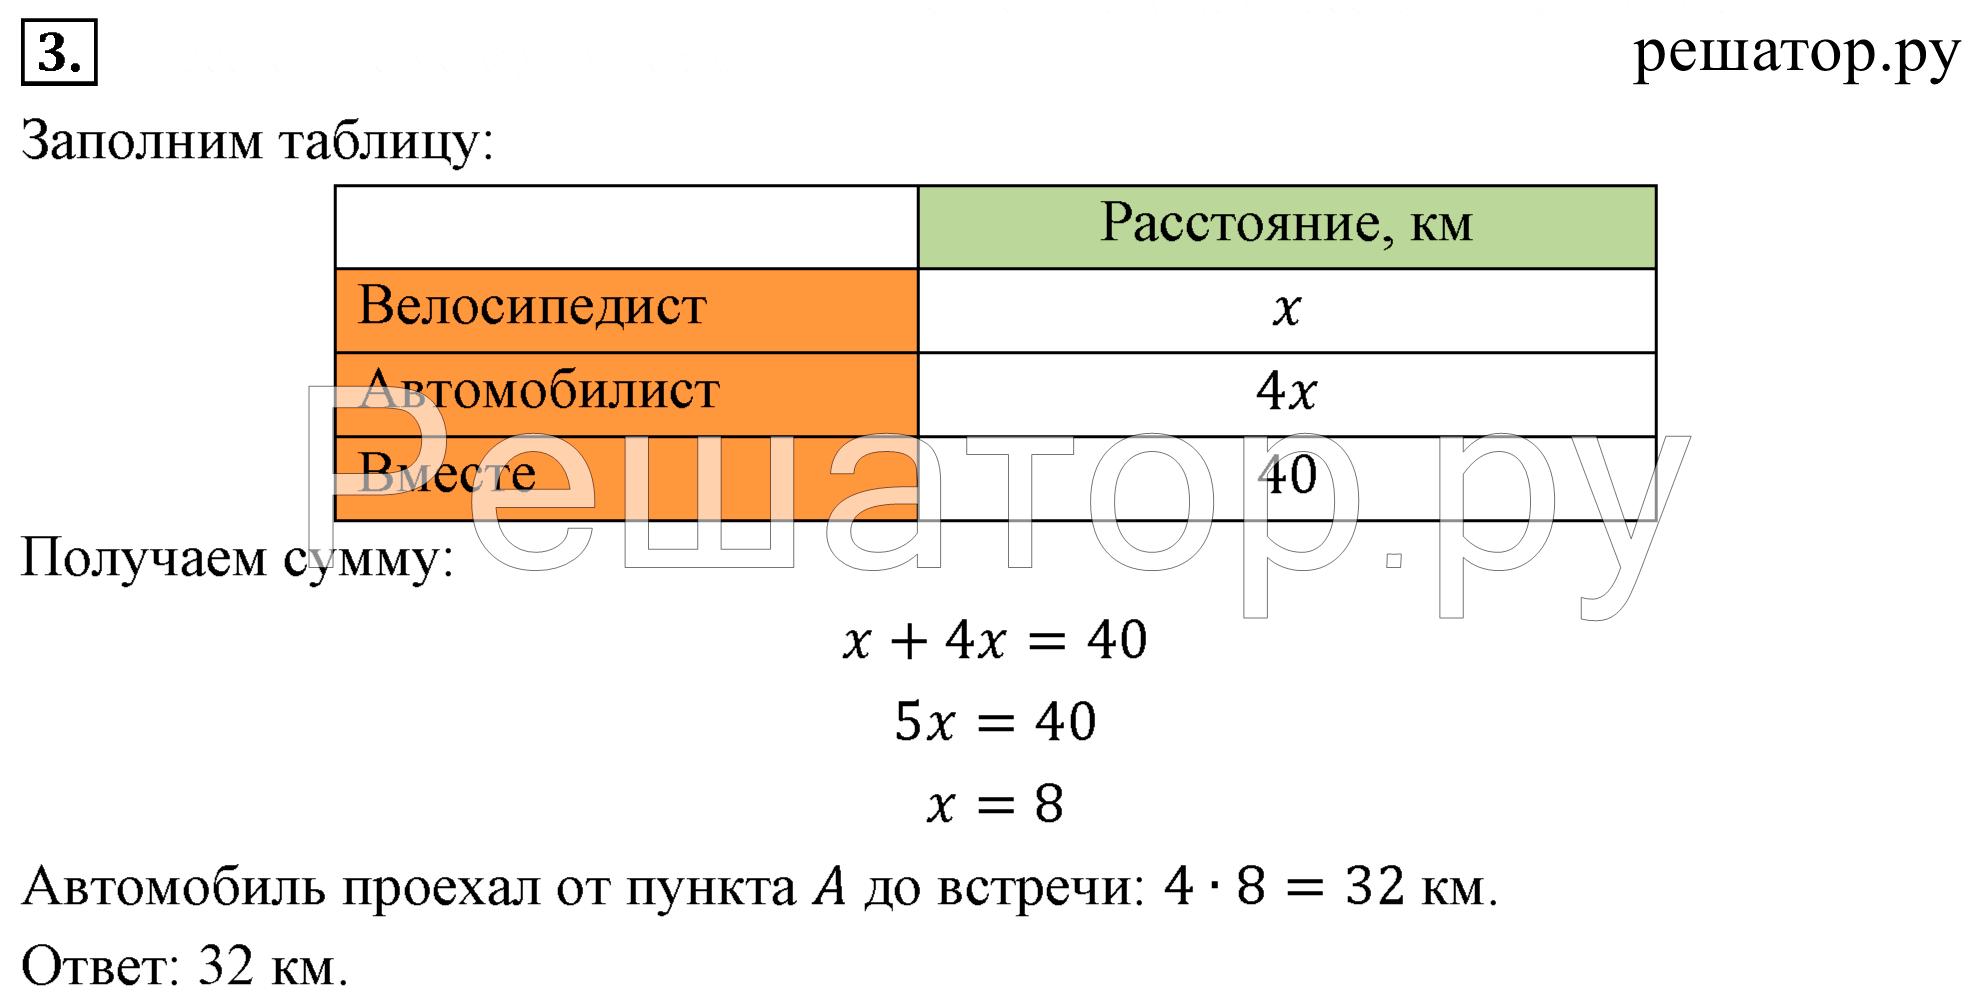 Решебник по дидактическим материалам 5 класс кузнецова